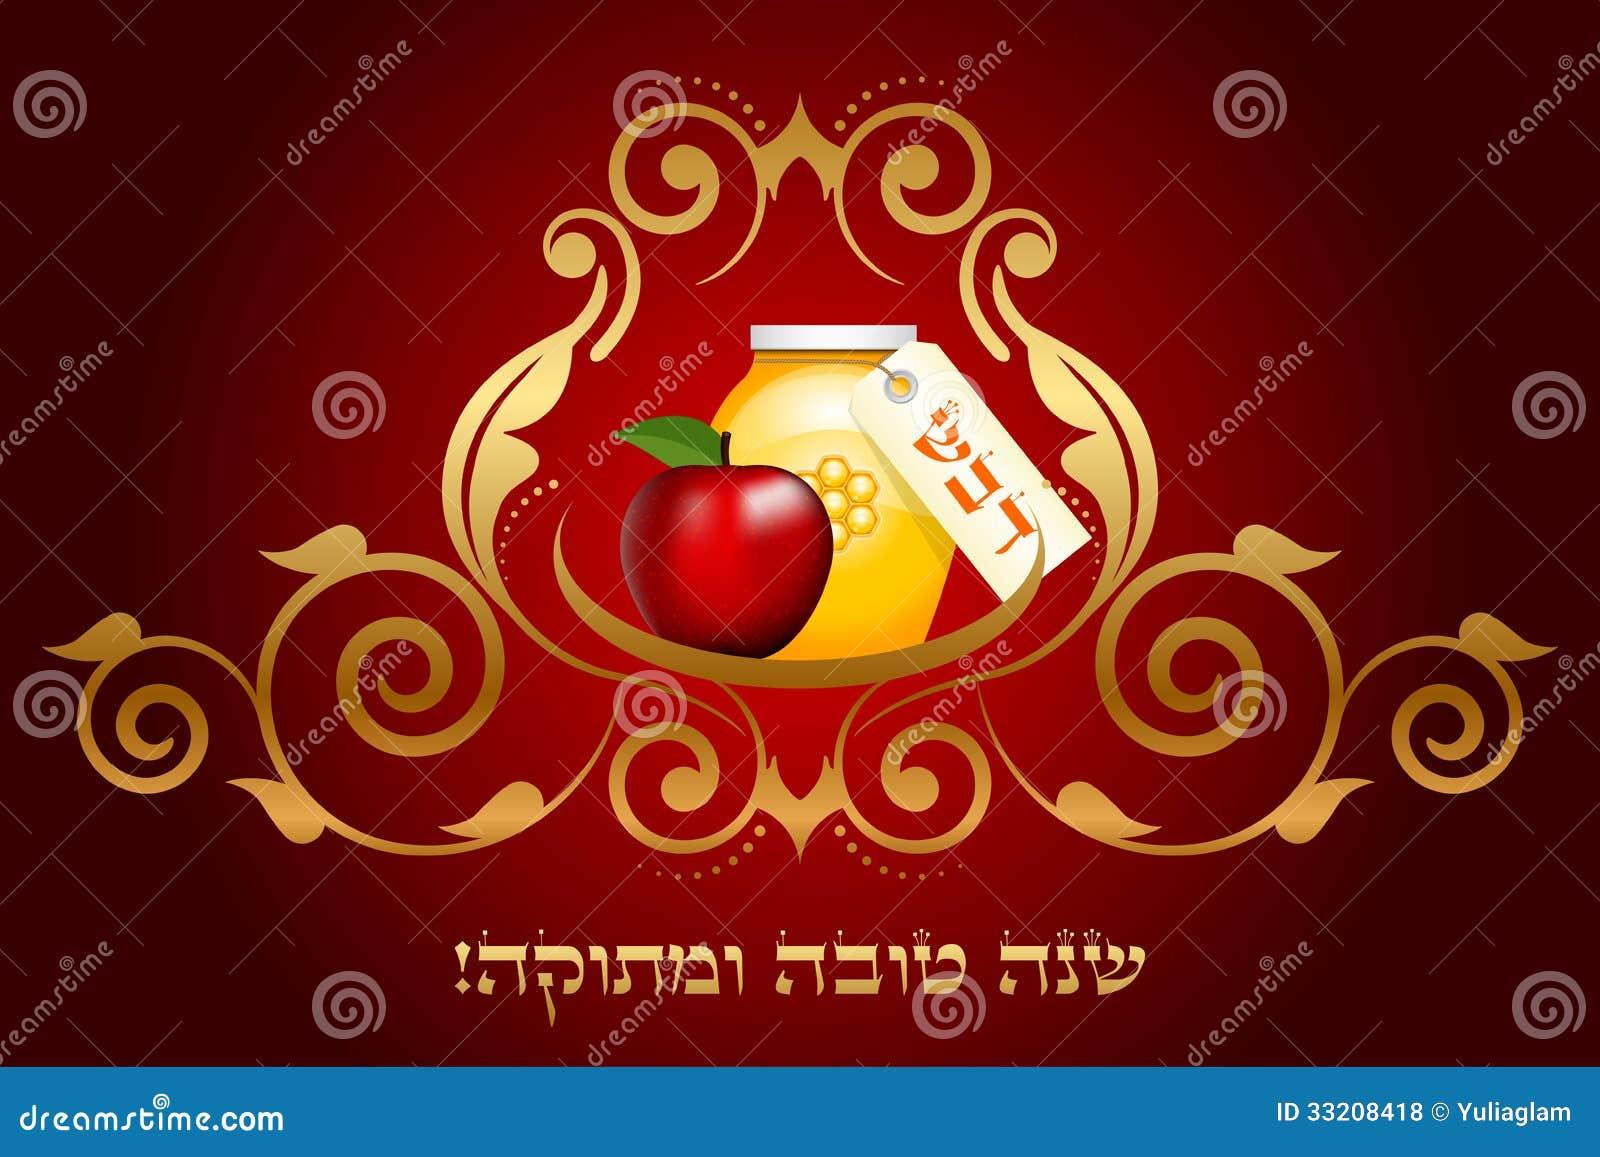 Shana tova card sweet shana tova hebrew stock vector shana tova card sweet shana tova hebrew kristyandbryce Images